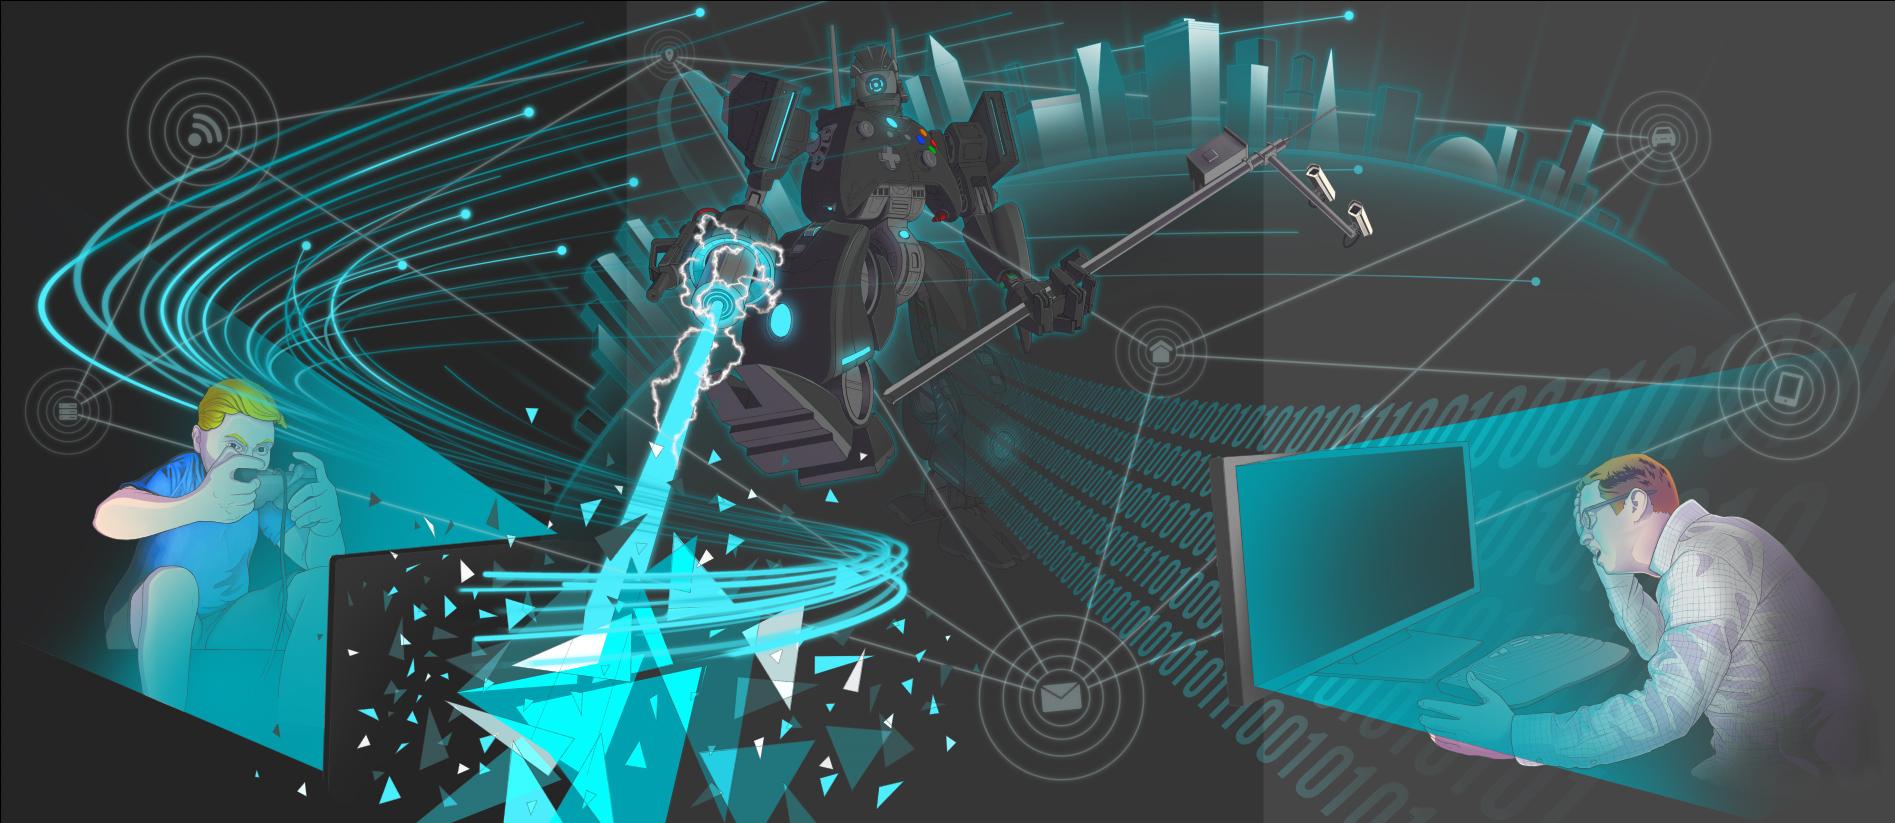 teen_attacker_concept_layout2.jpg